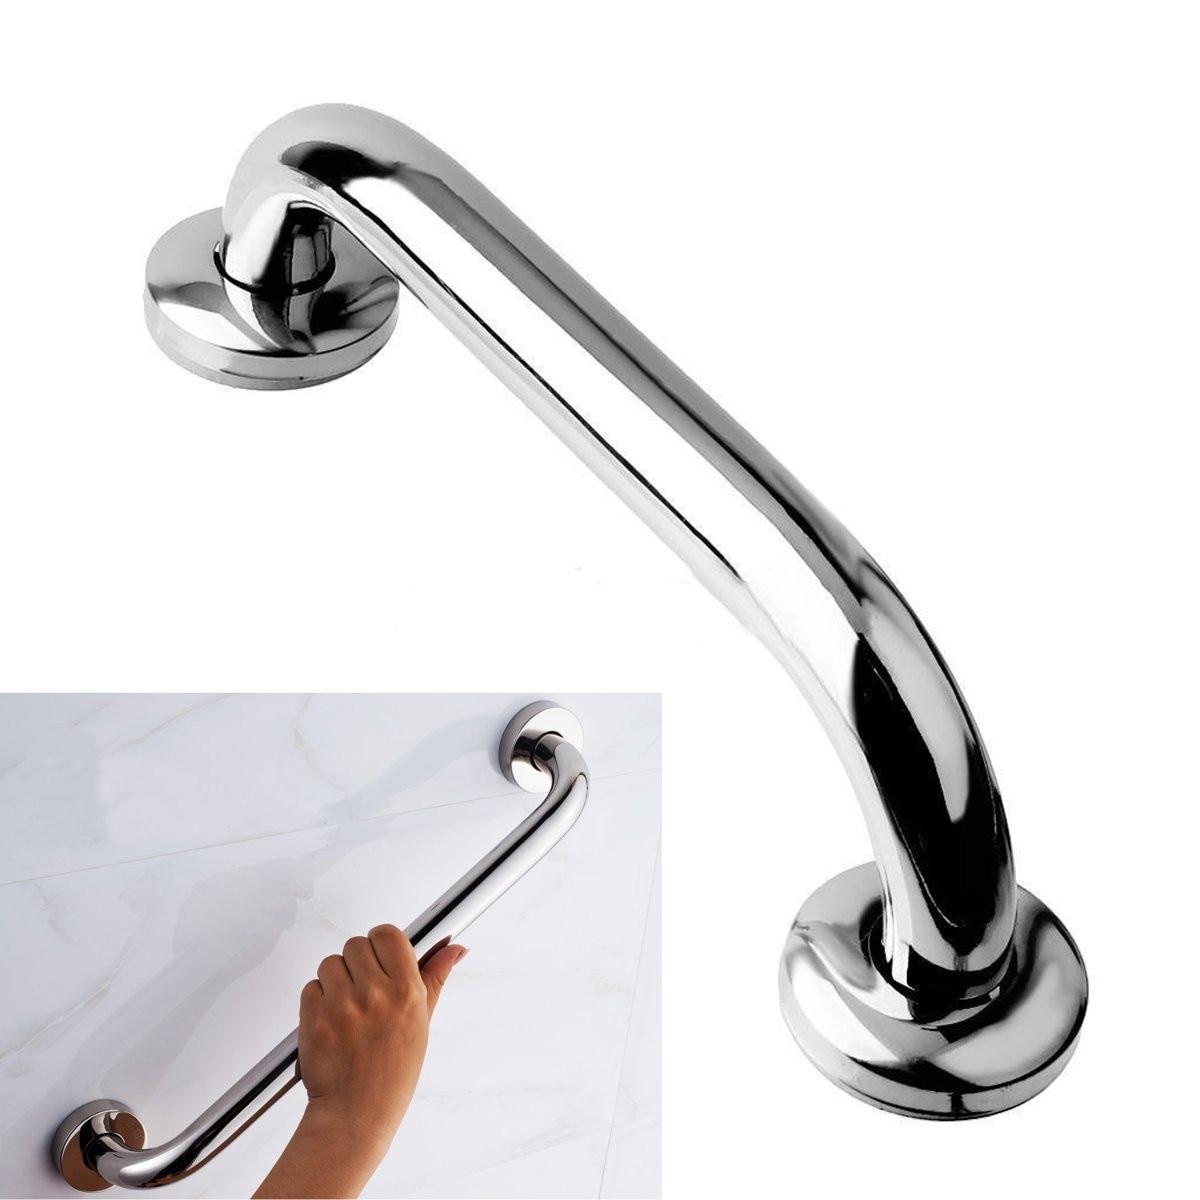 S curit barres d 39 appui pour salle de bains achetez des for Poignee de securite salle de bain